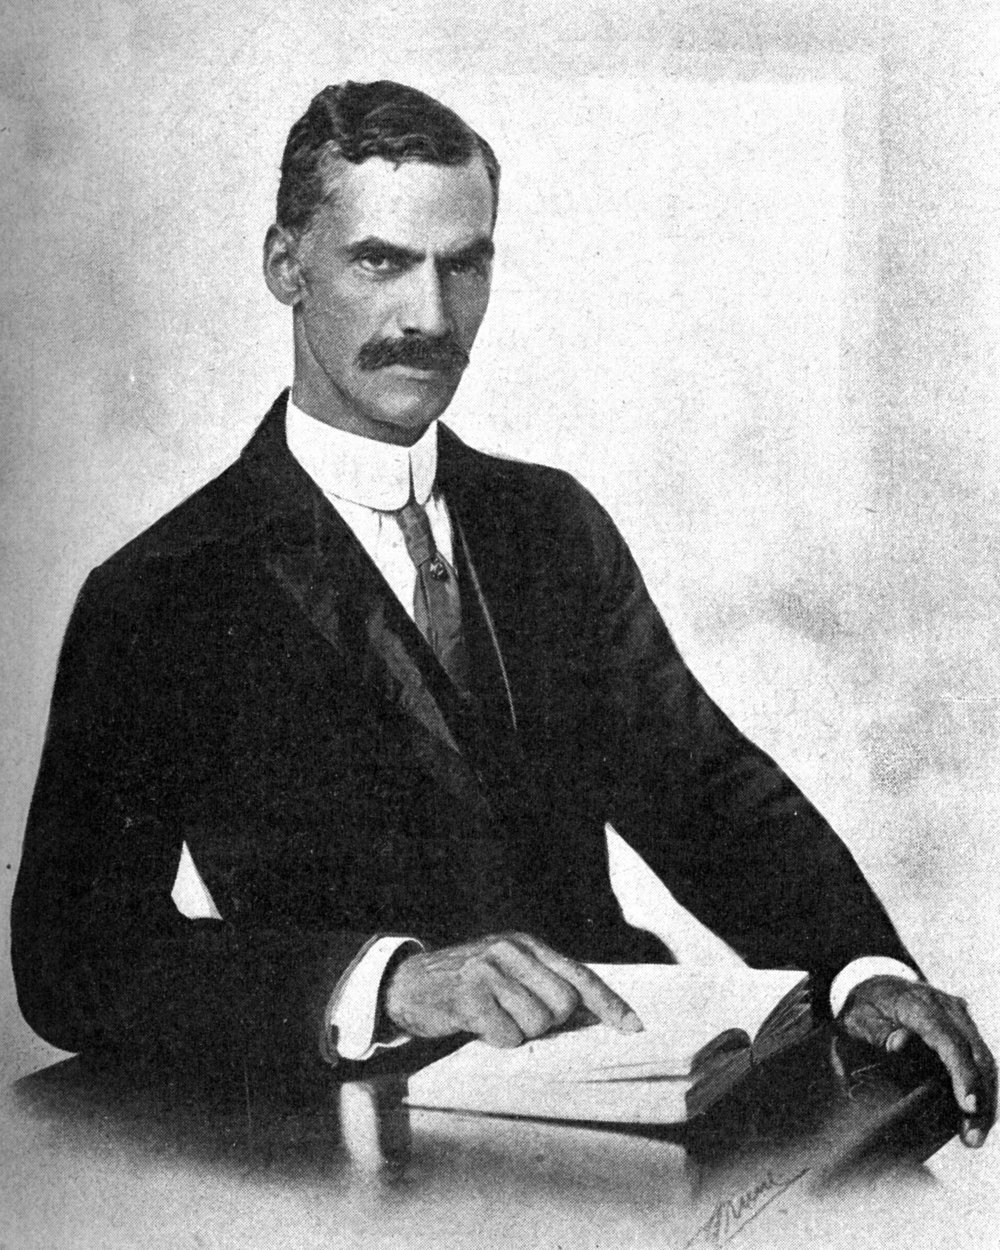 Copy of Samuel W. Bacote